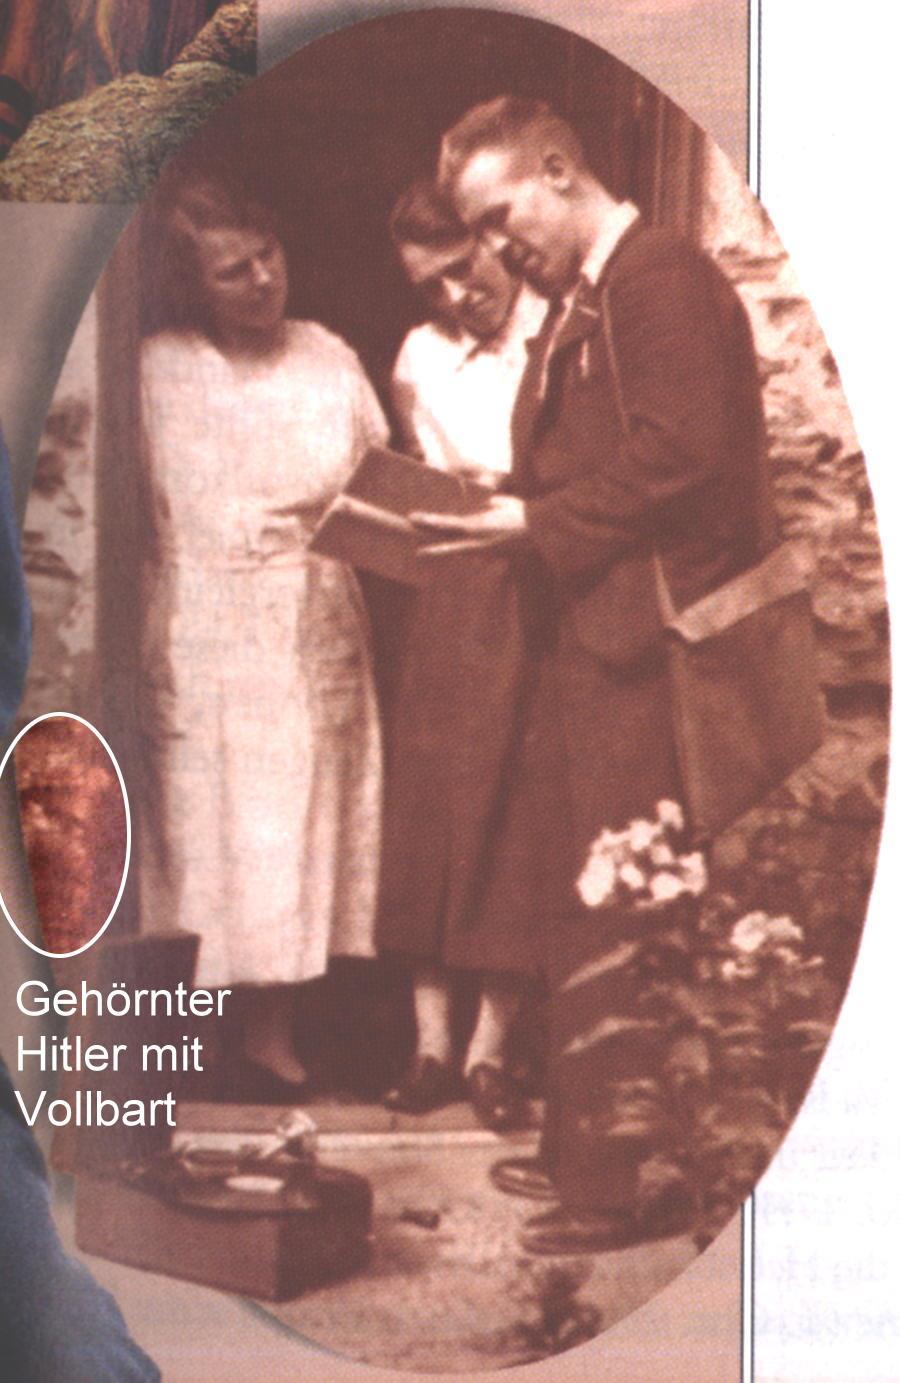 Horned Hitler